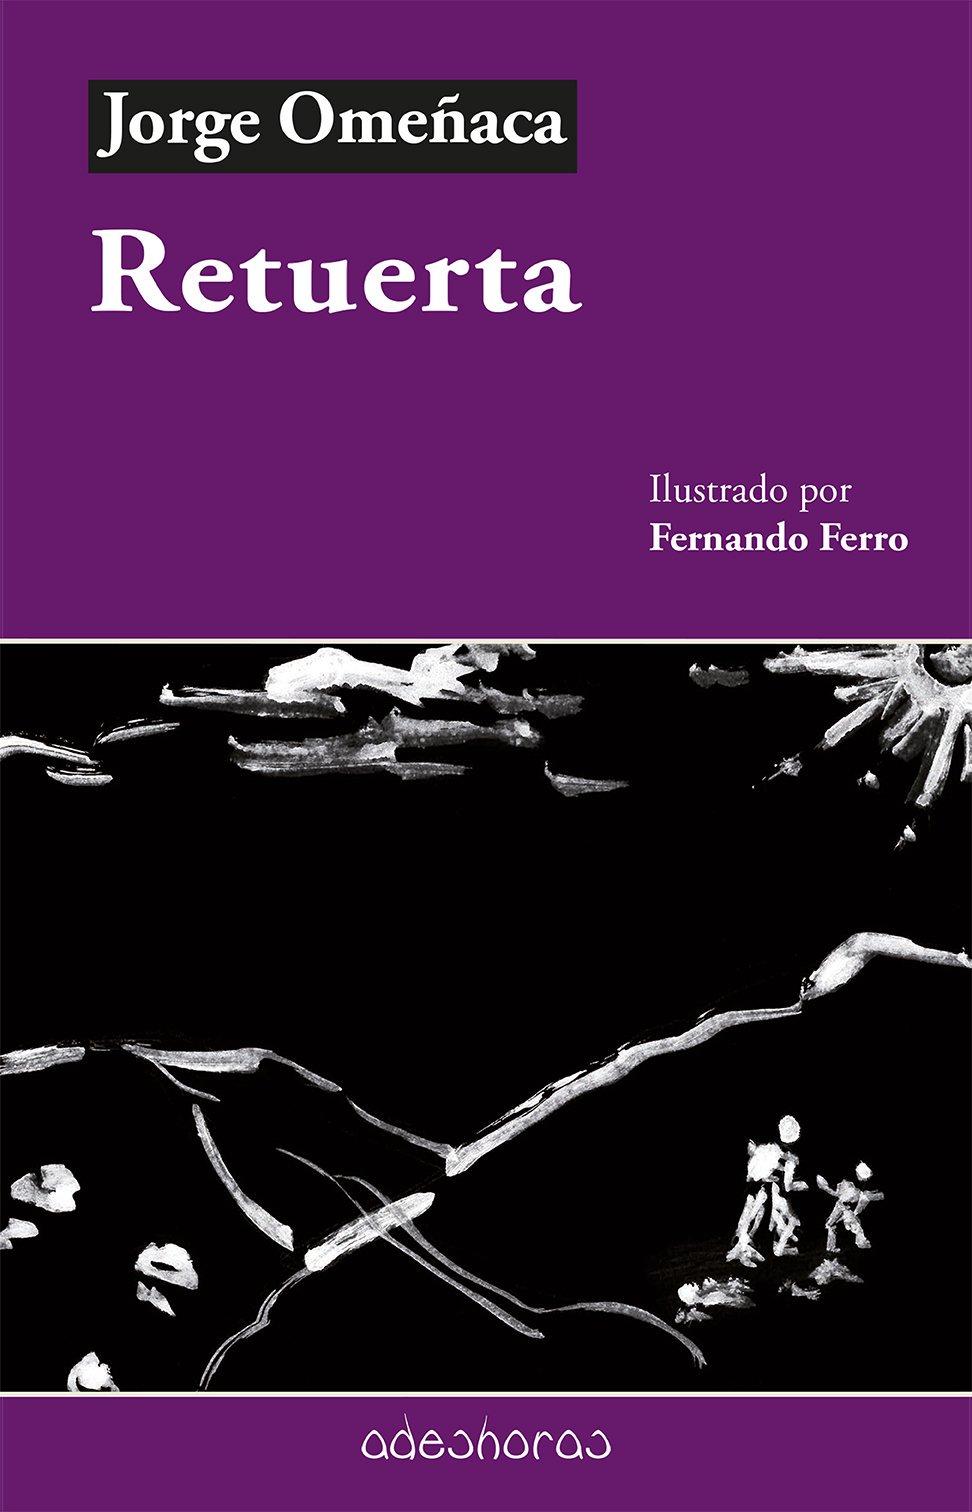 Retuerta, de Jorge Omeñaca - Libros y Literatura